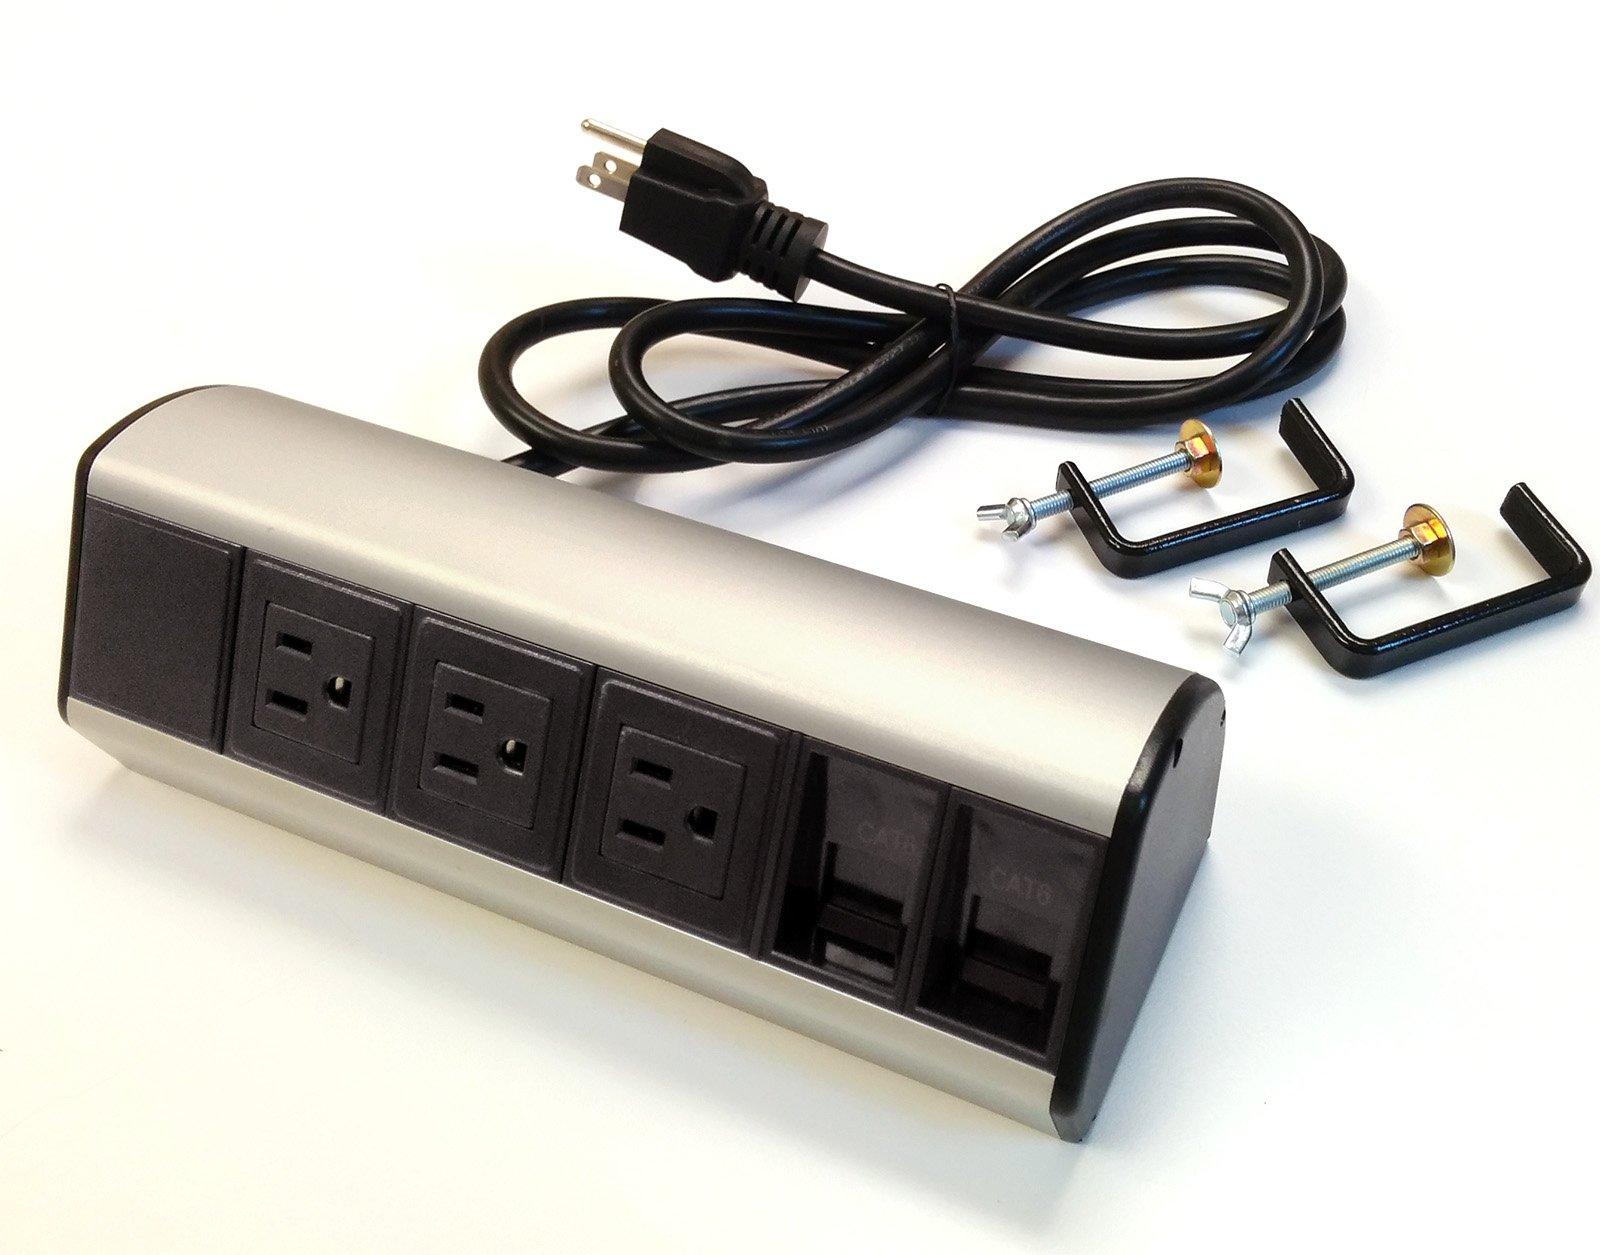 Power & Data Desk Edge Mount Tabletop Center - 3 Power and 2 Ethernet CAT6 RJ45 Data ports